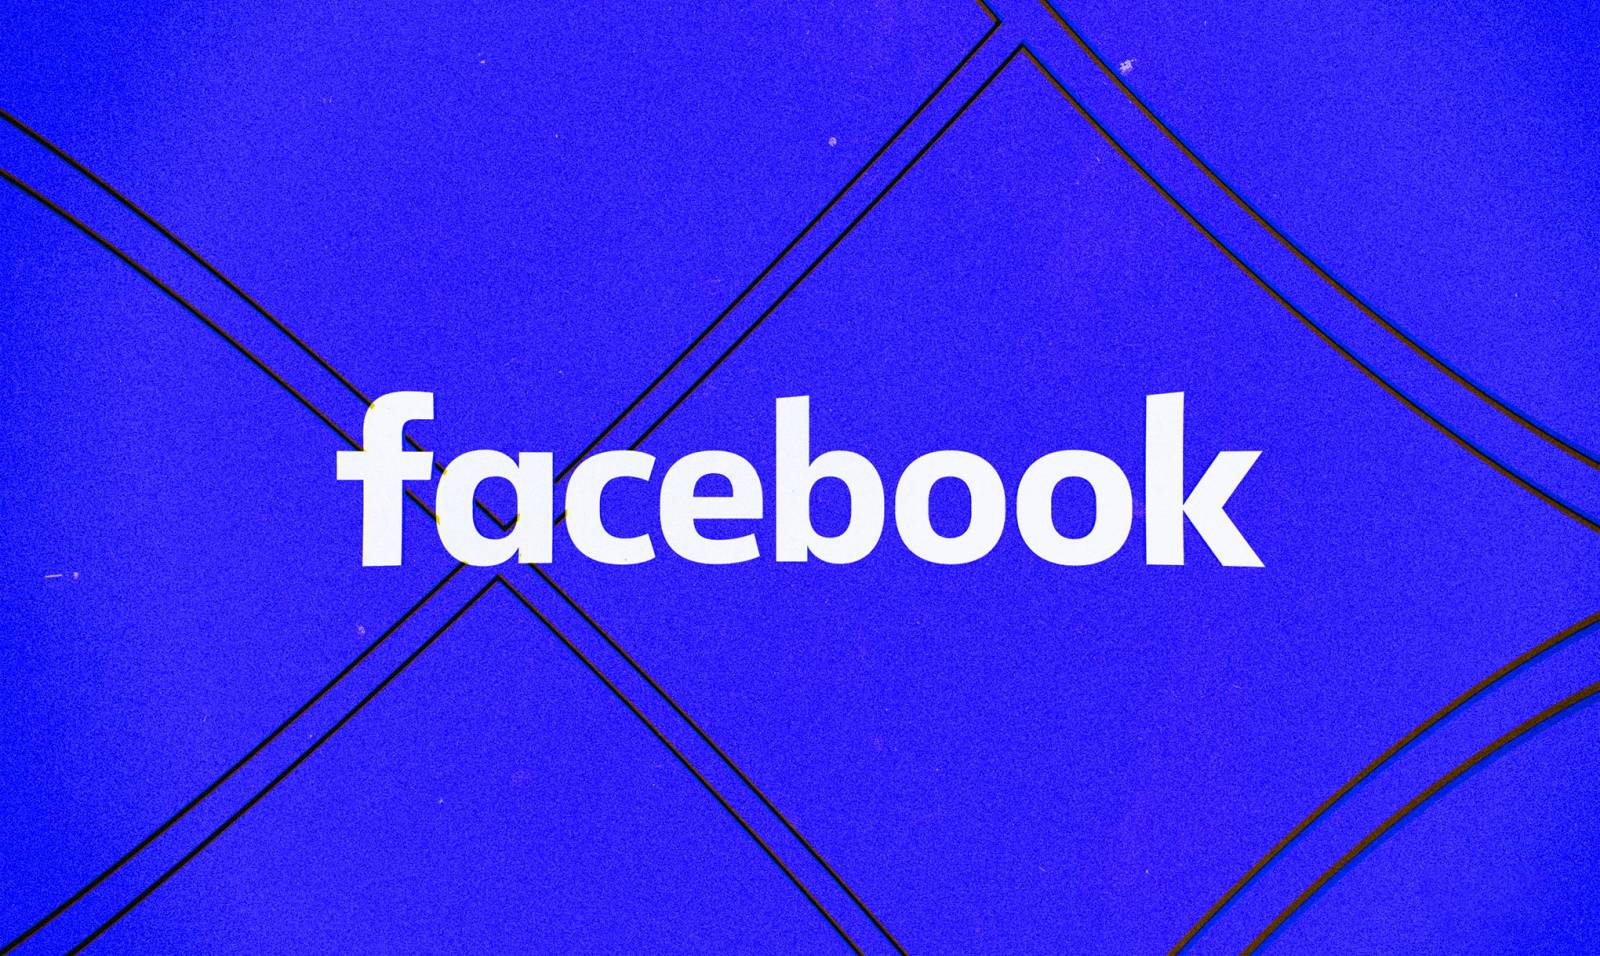 Facebook Actualizarea Schimbarile Oferite Telefoane Tablete